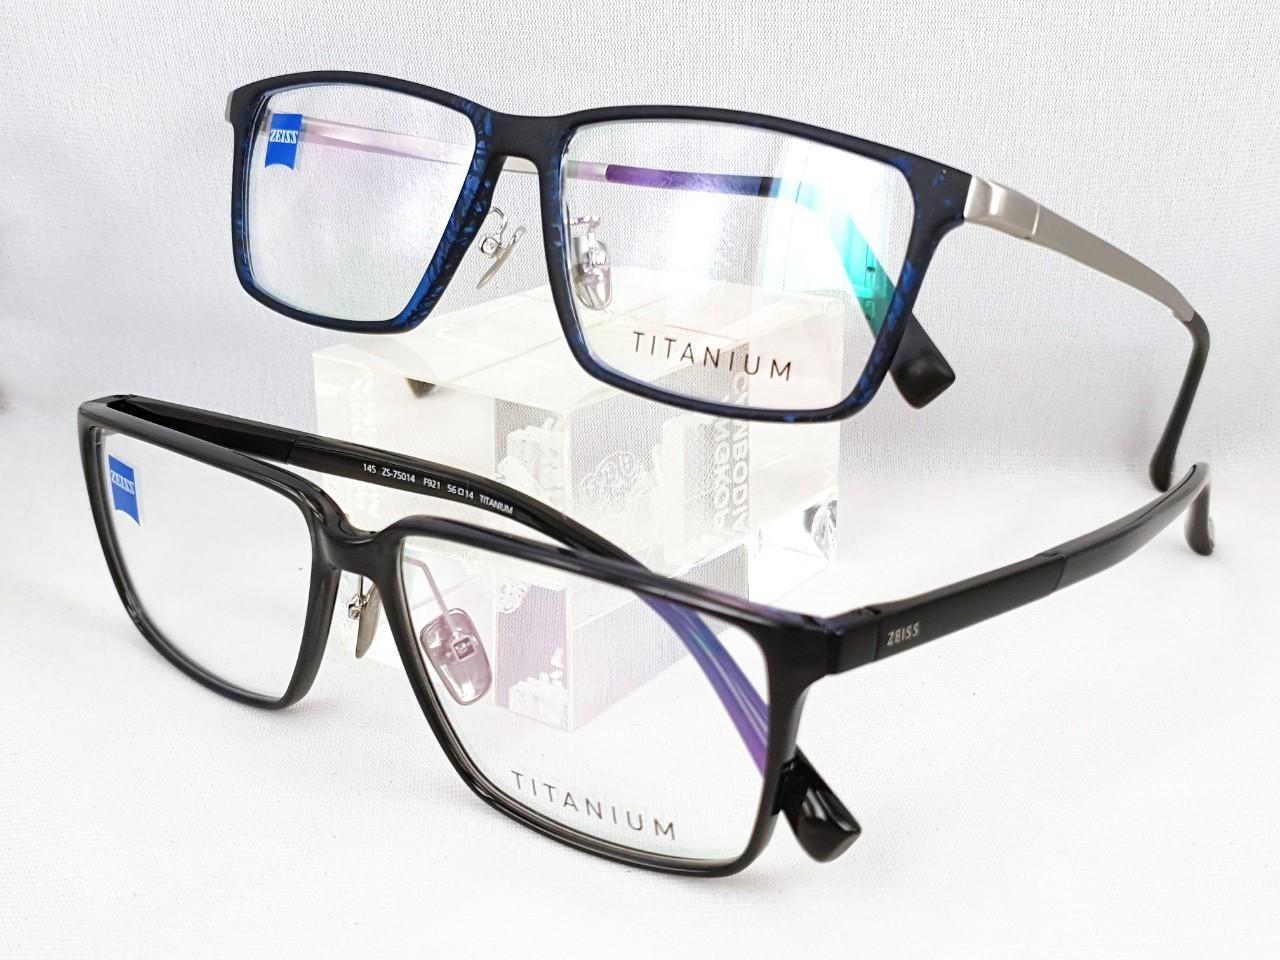 民視眼鏡品牌Zeiss_200102_0001